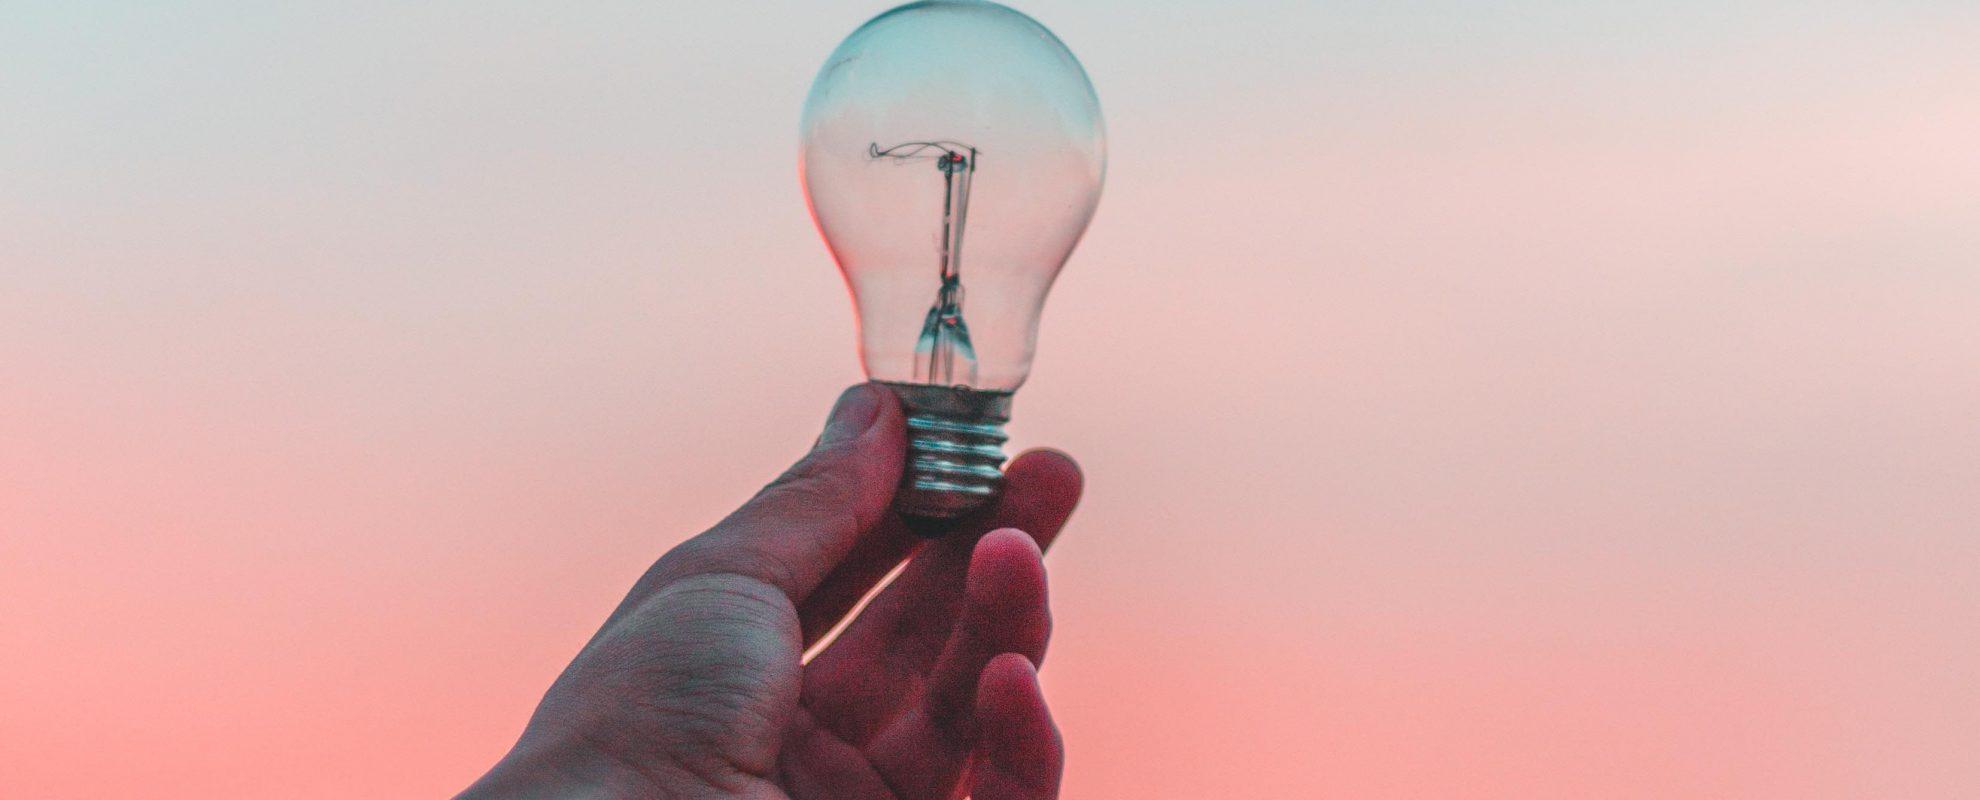 Les Astuces Marketing pour Booster vos Ventes